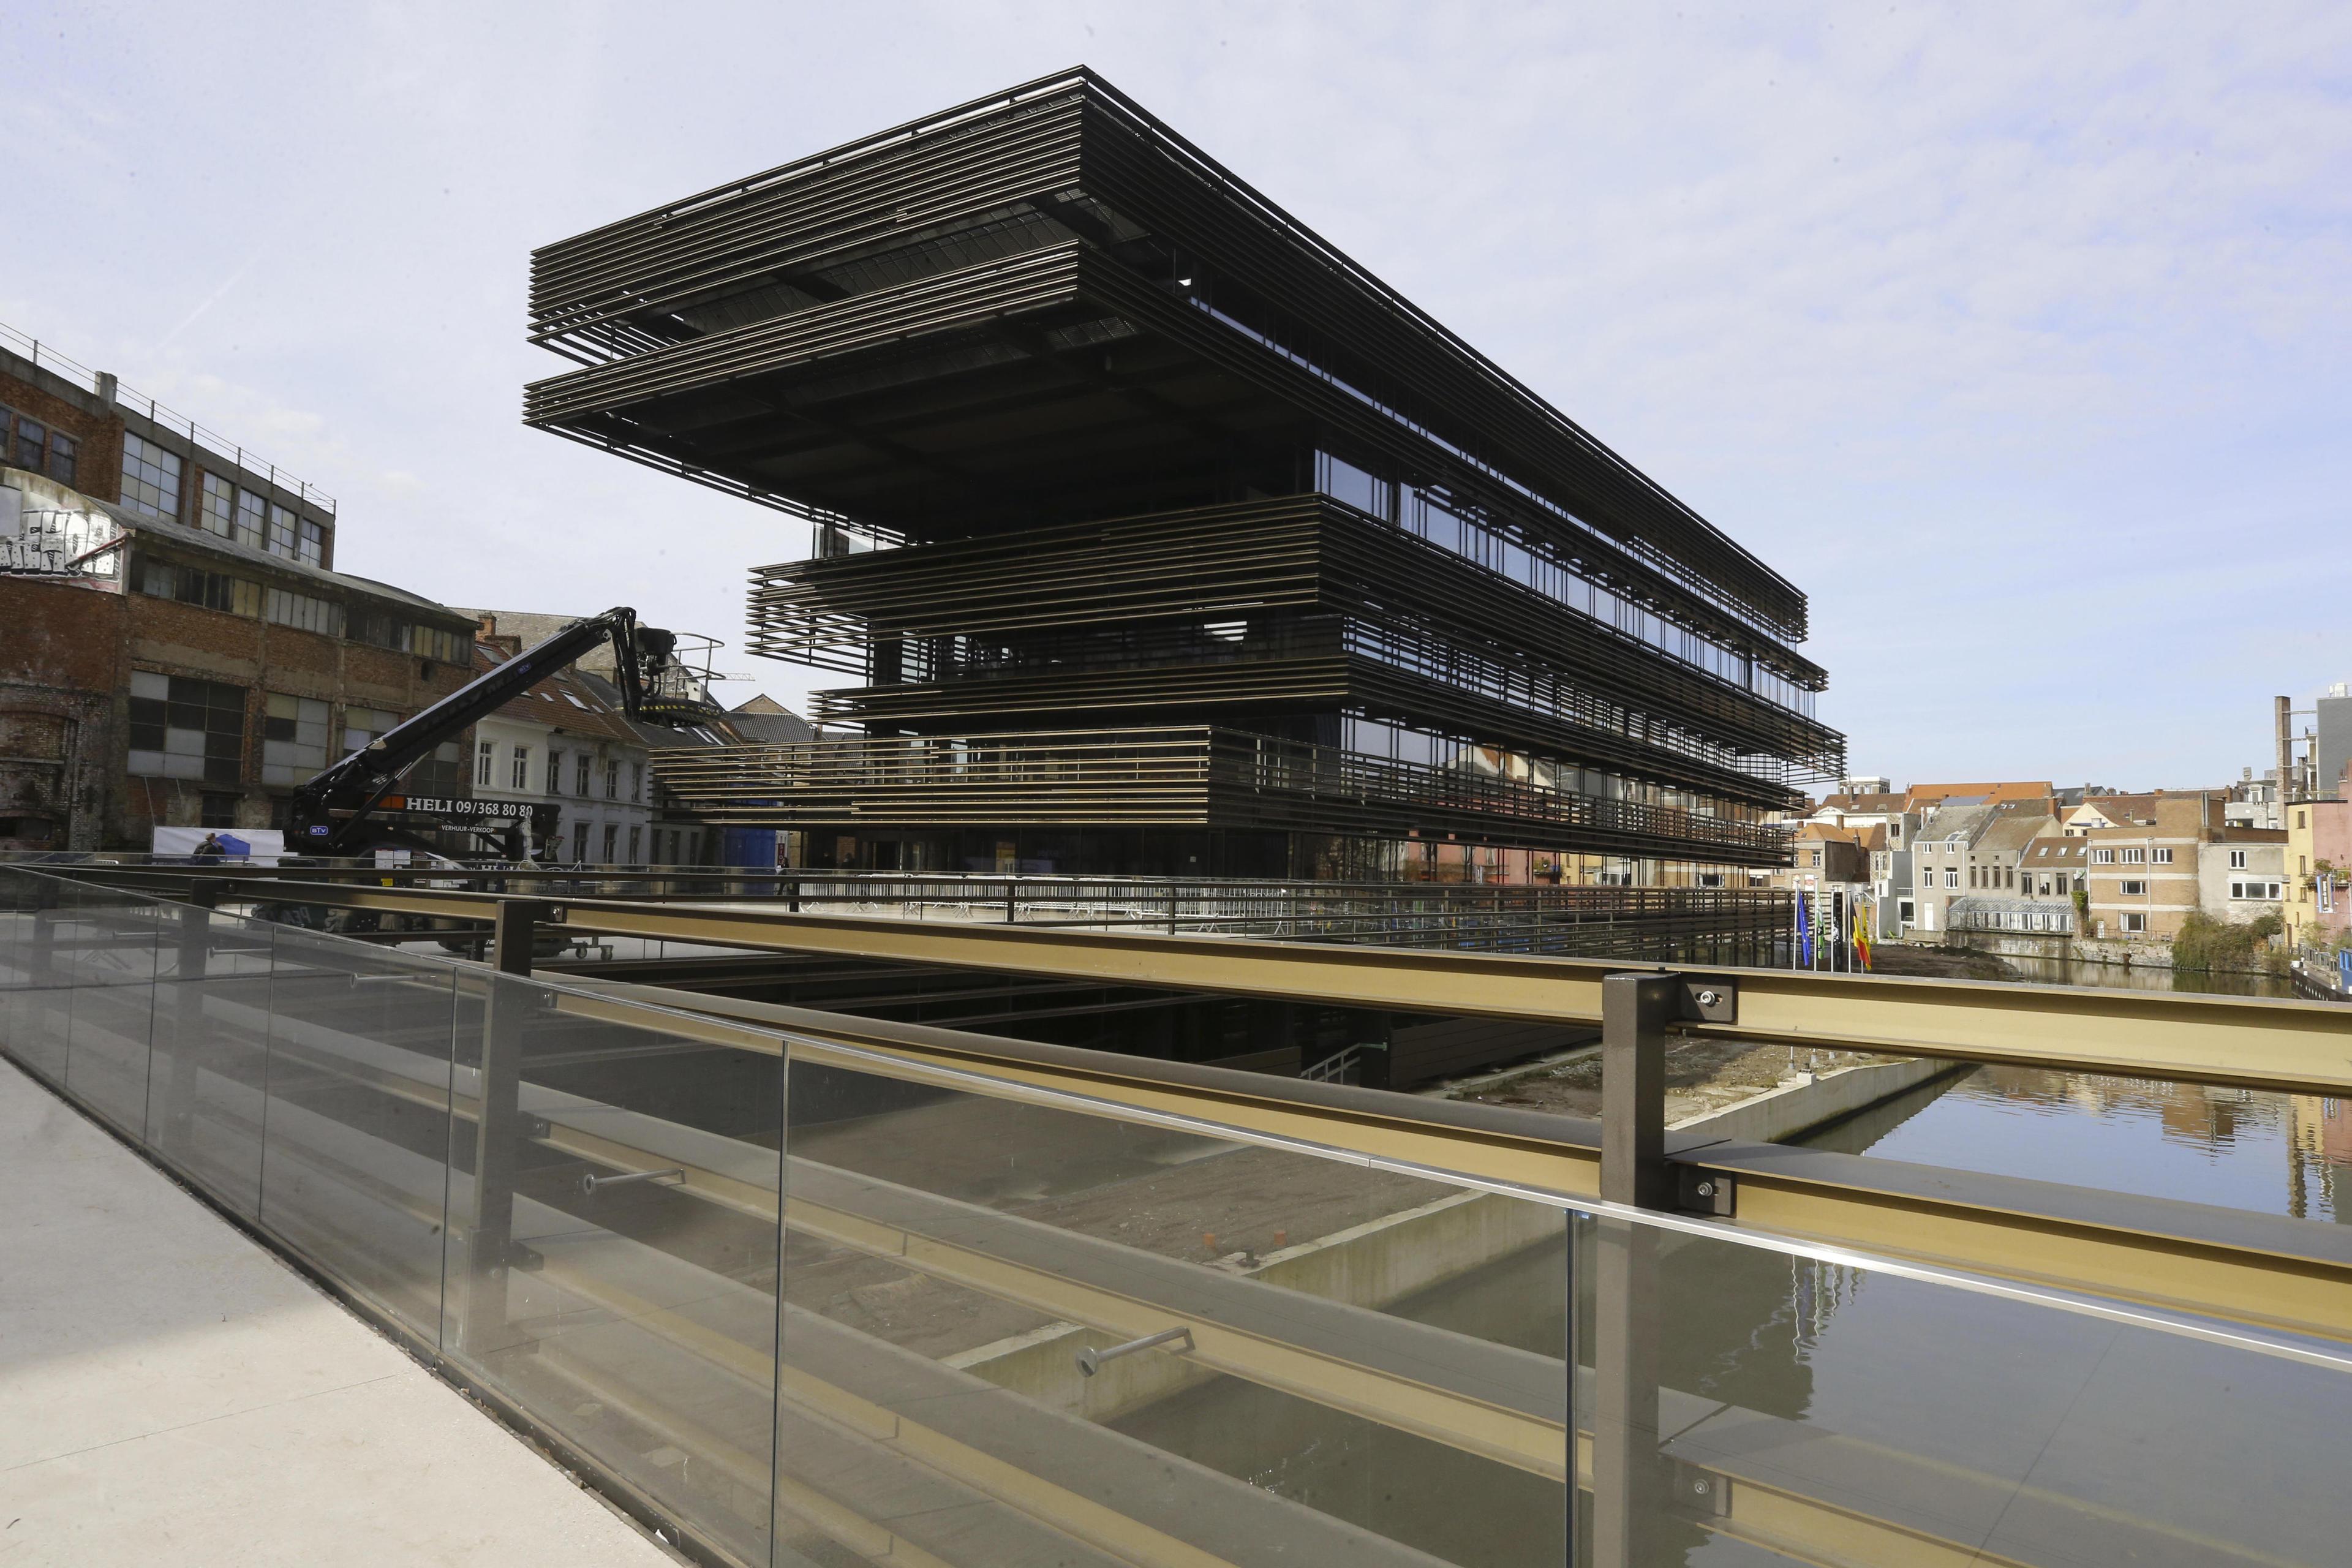 Bbc tipt de krook in gent als 1 van de 10 mooiste bibliotheken van de wereld vrt nws - Bibliotheek van de wereld ...